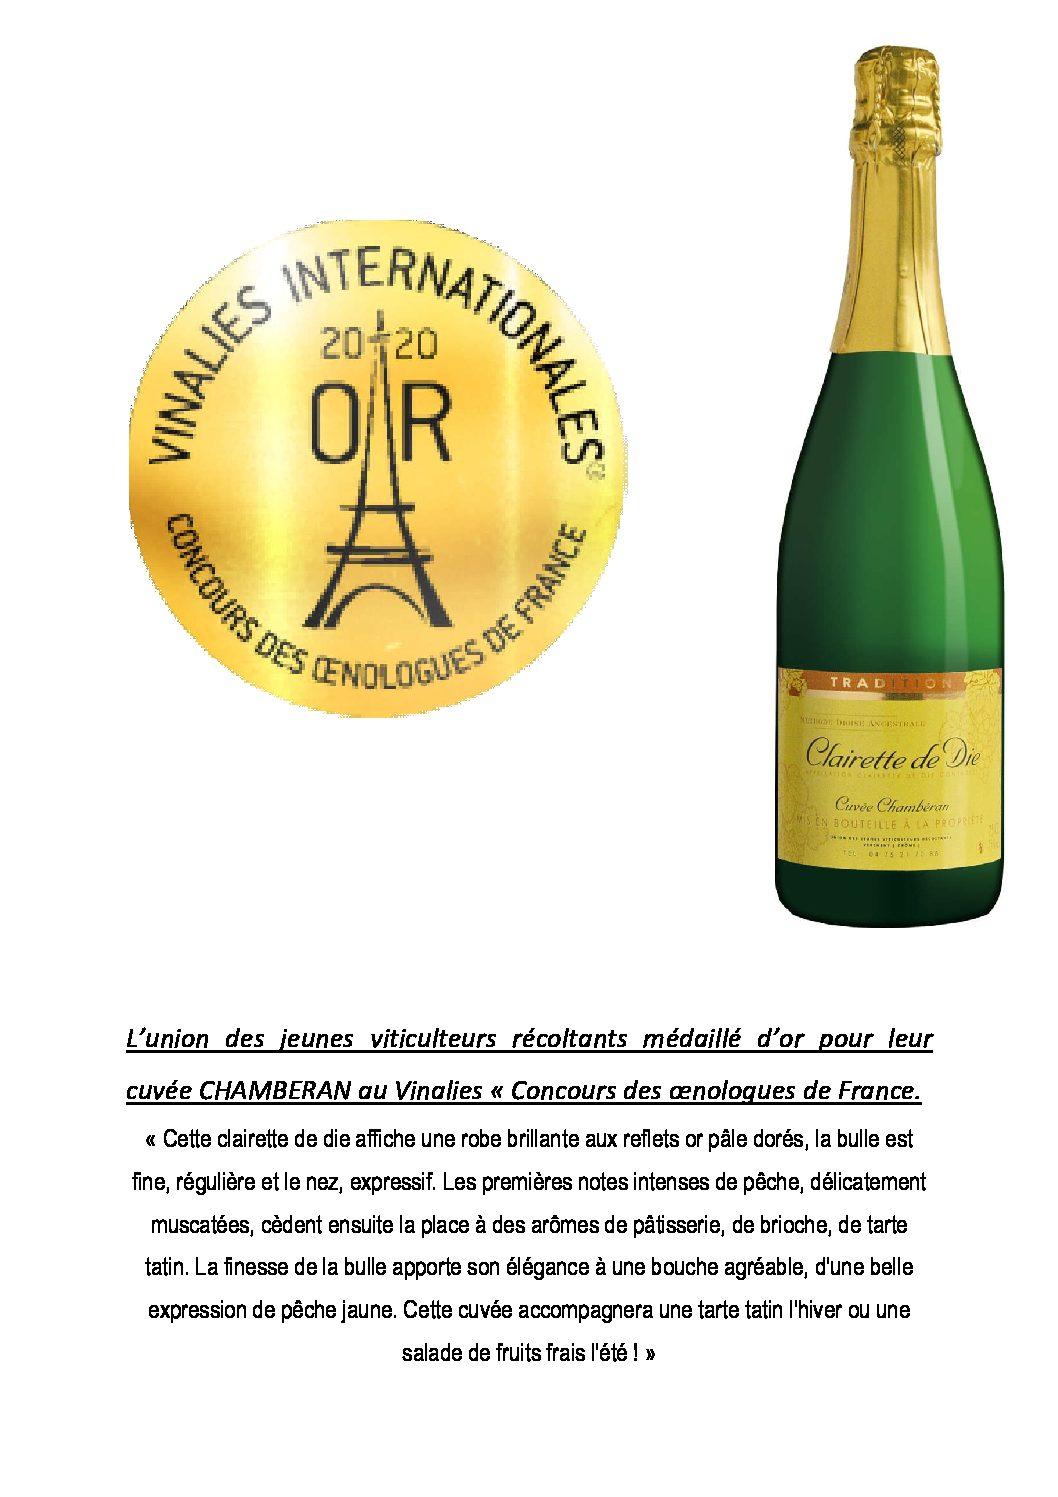 Médaille d'or aux Concours des œnologues de France